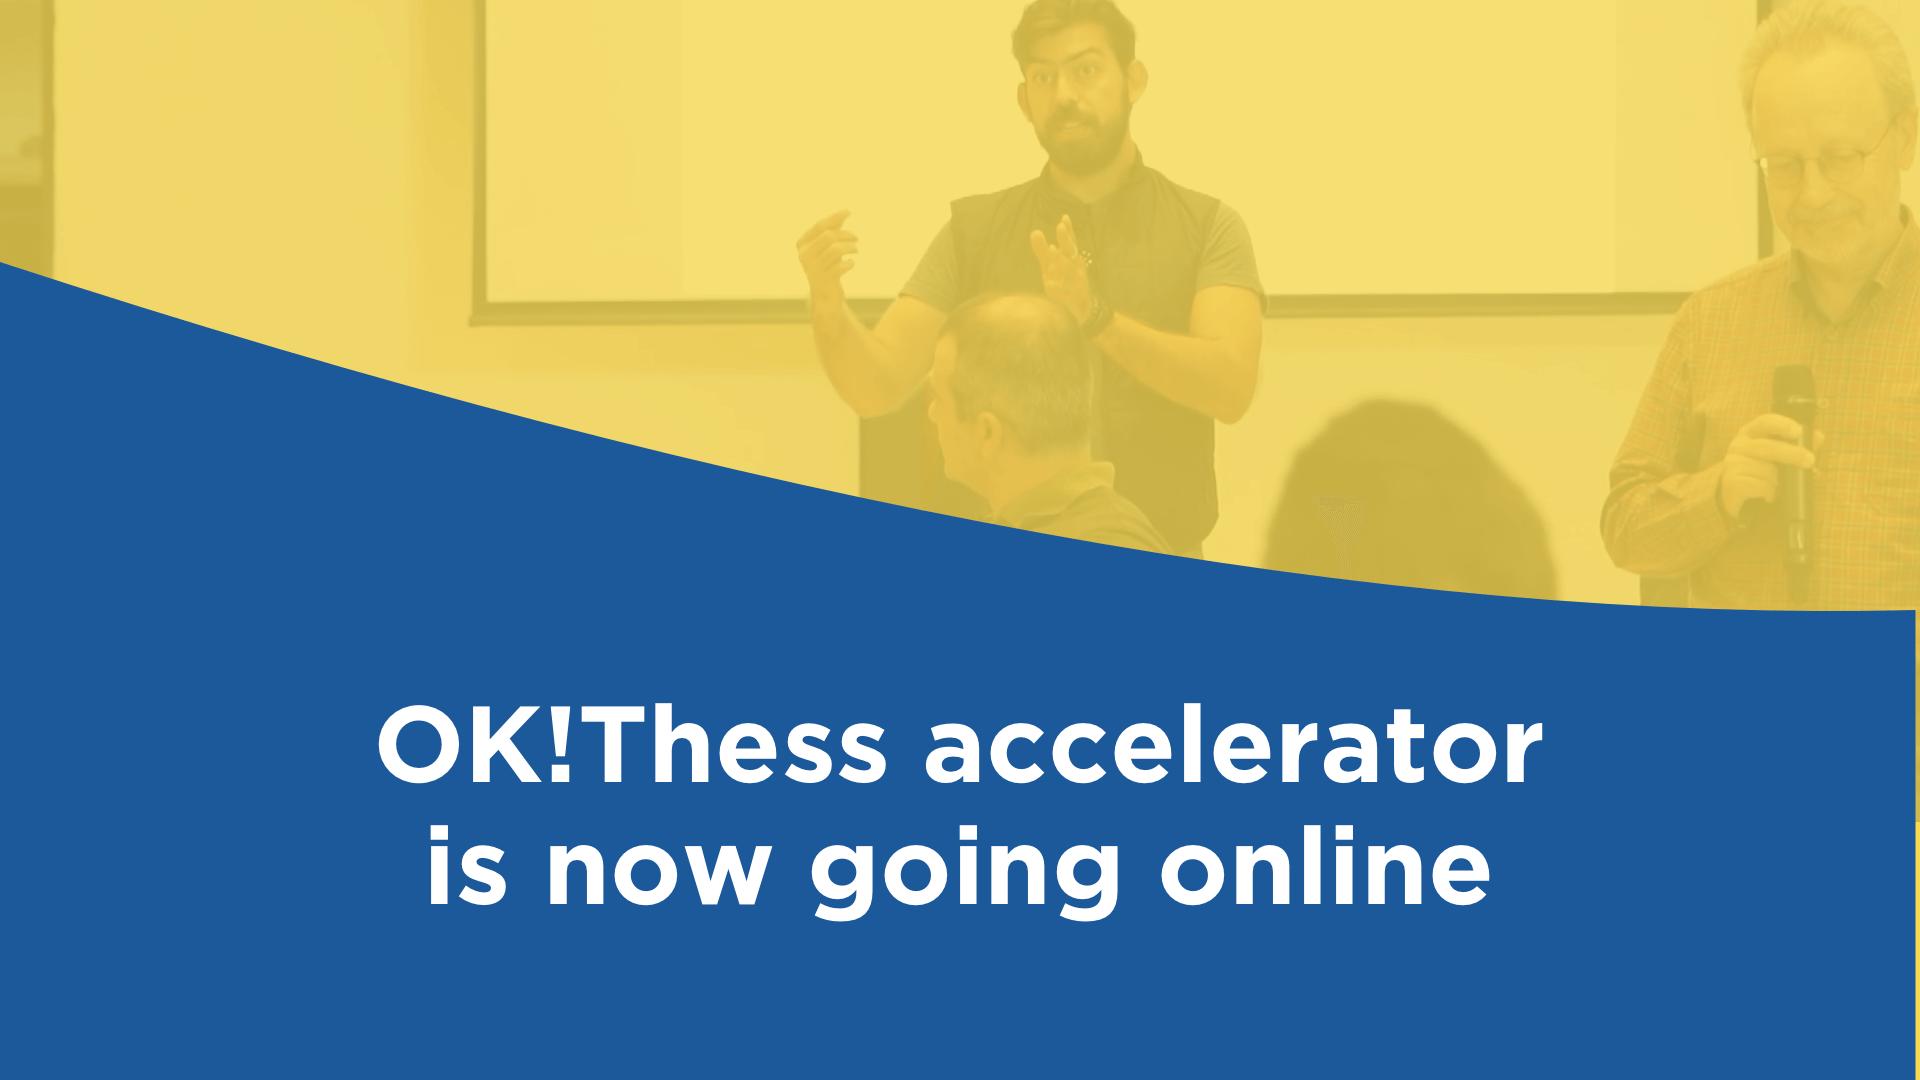 Αιτήσεις για τον πρώτο online κύκλο επιτάχυνσης του OK!Thess